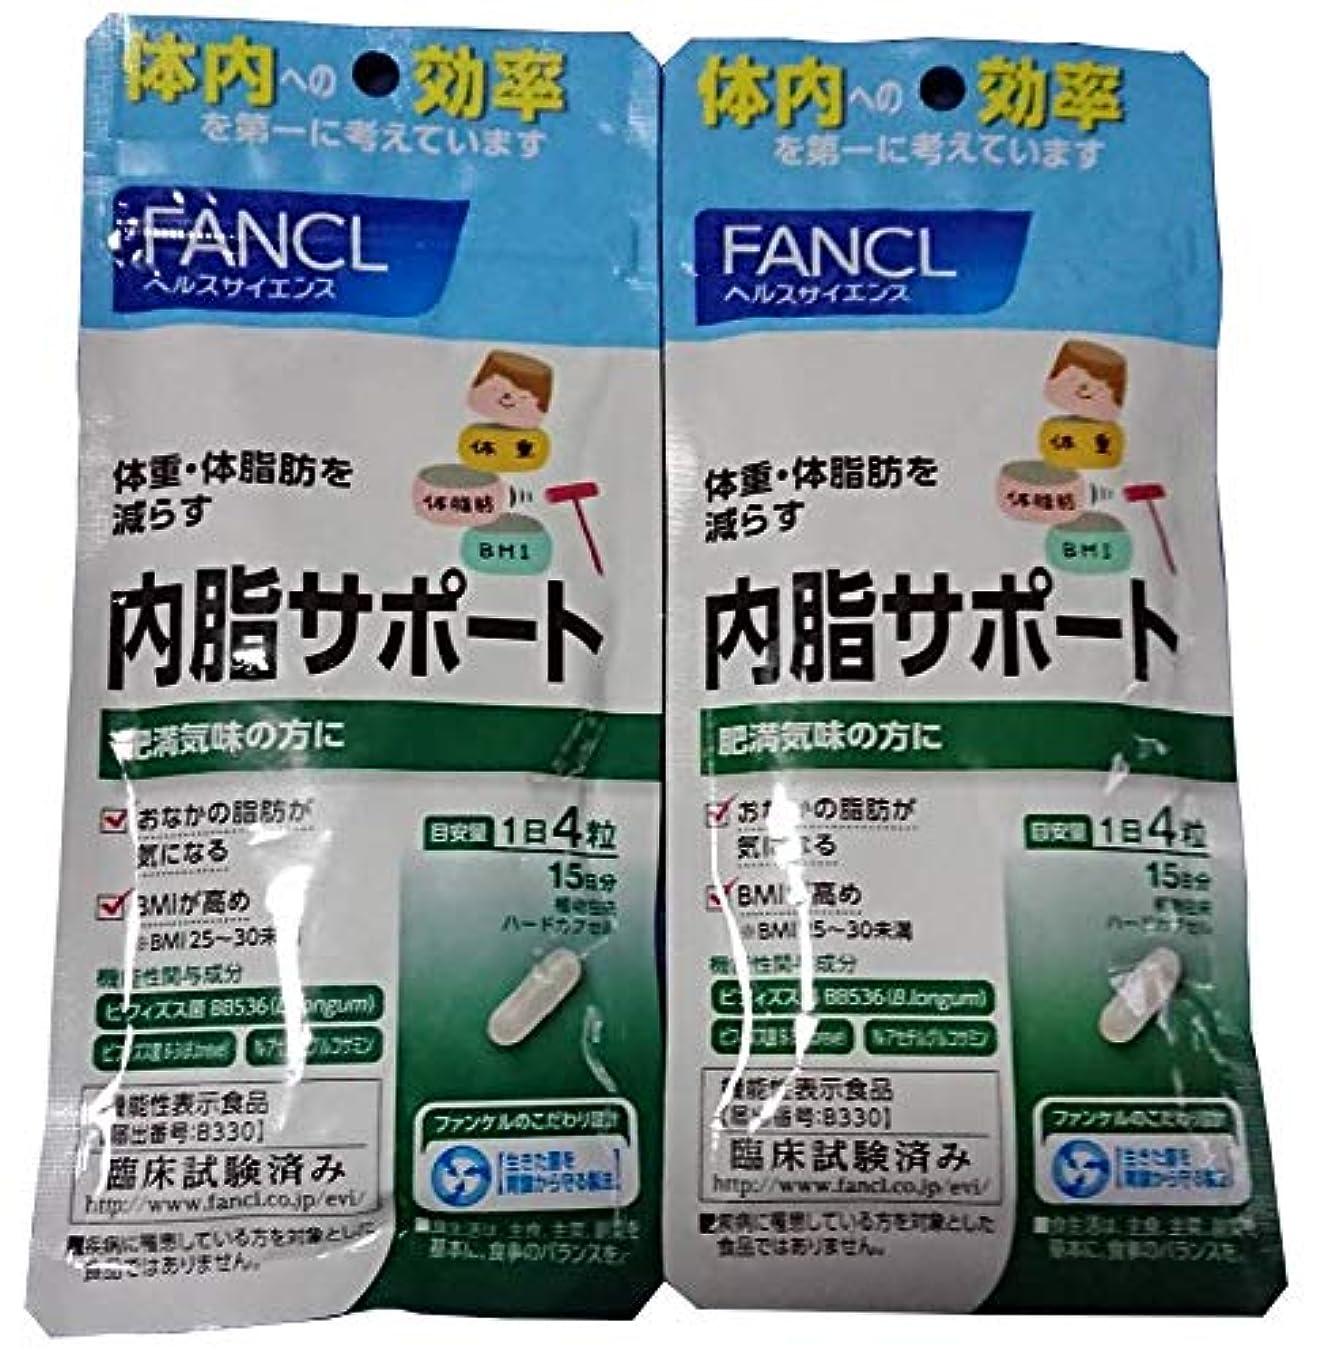 遺伝的密輸ただ内脂サポート 約30日分 【15日分2袋セット】